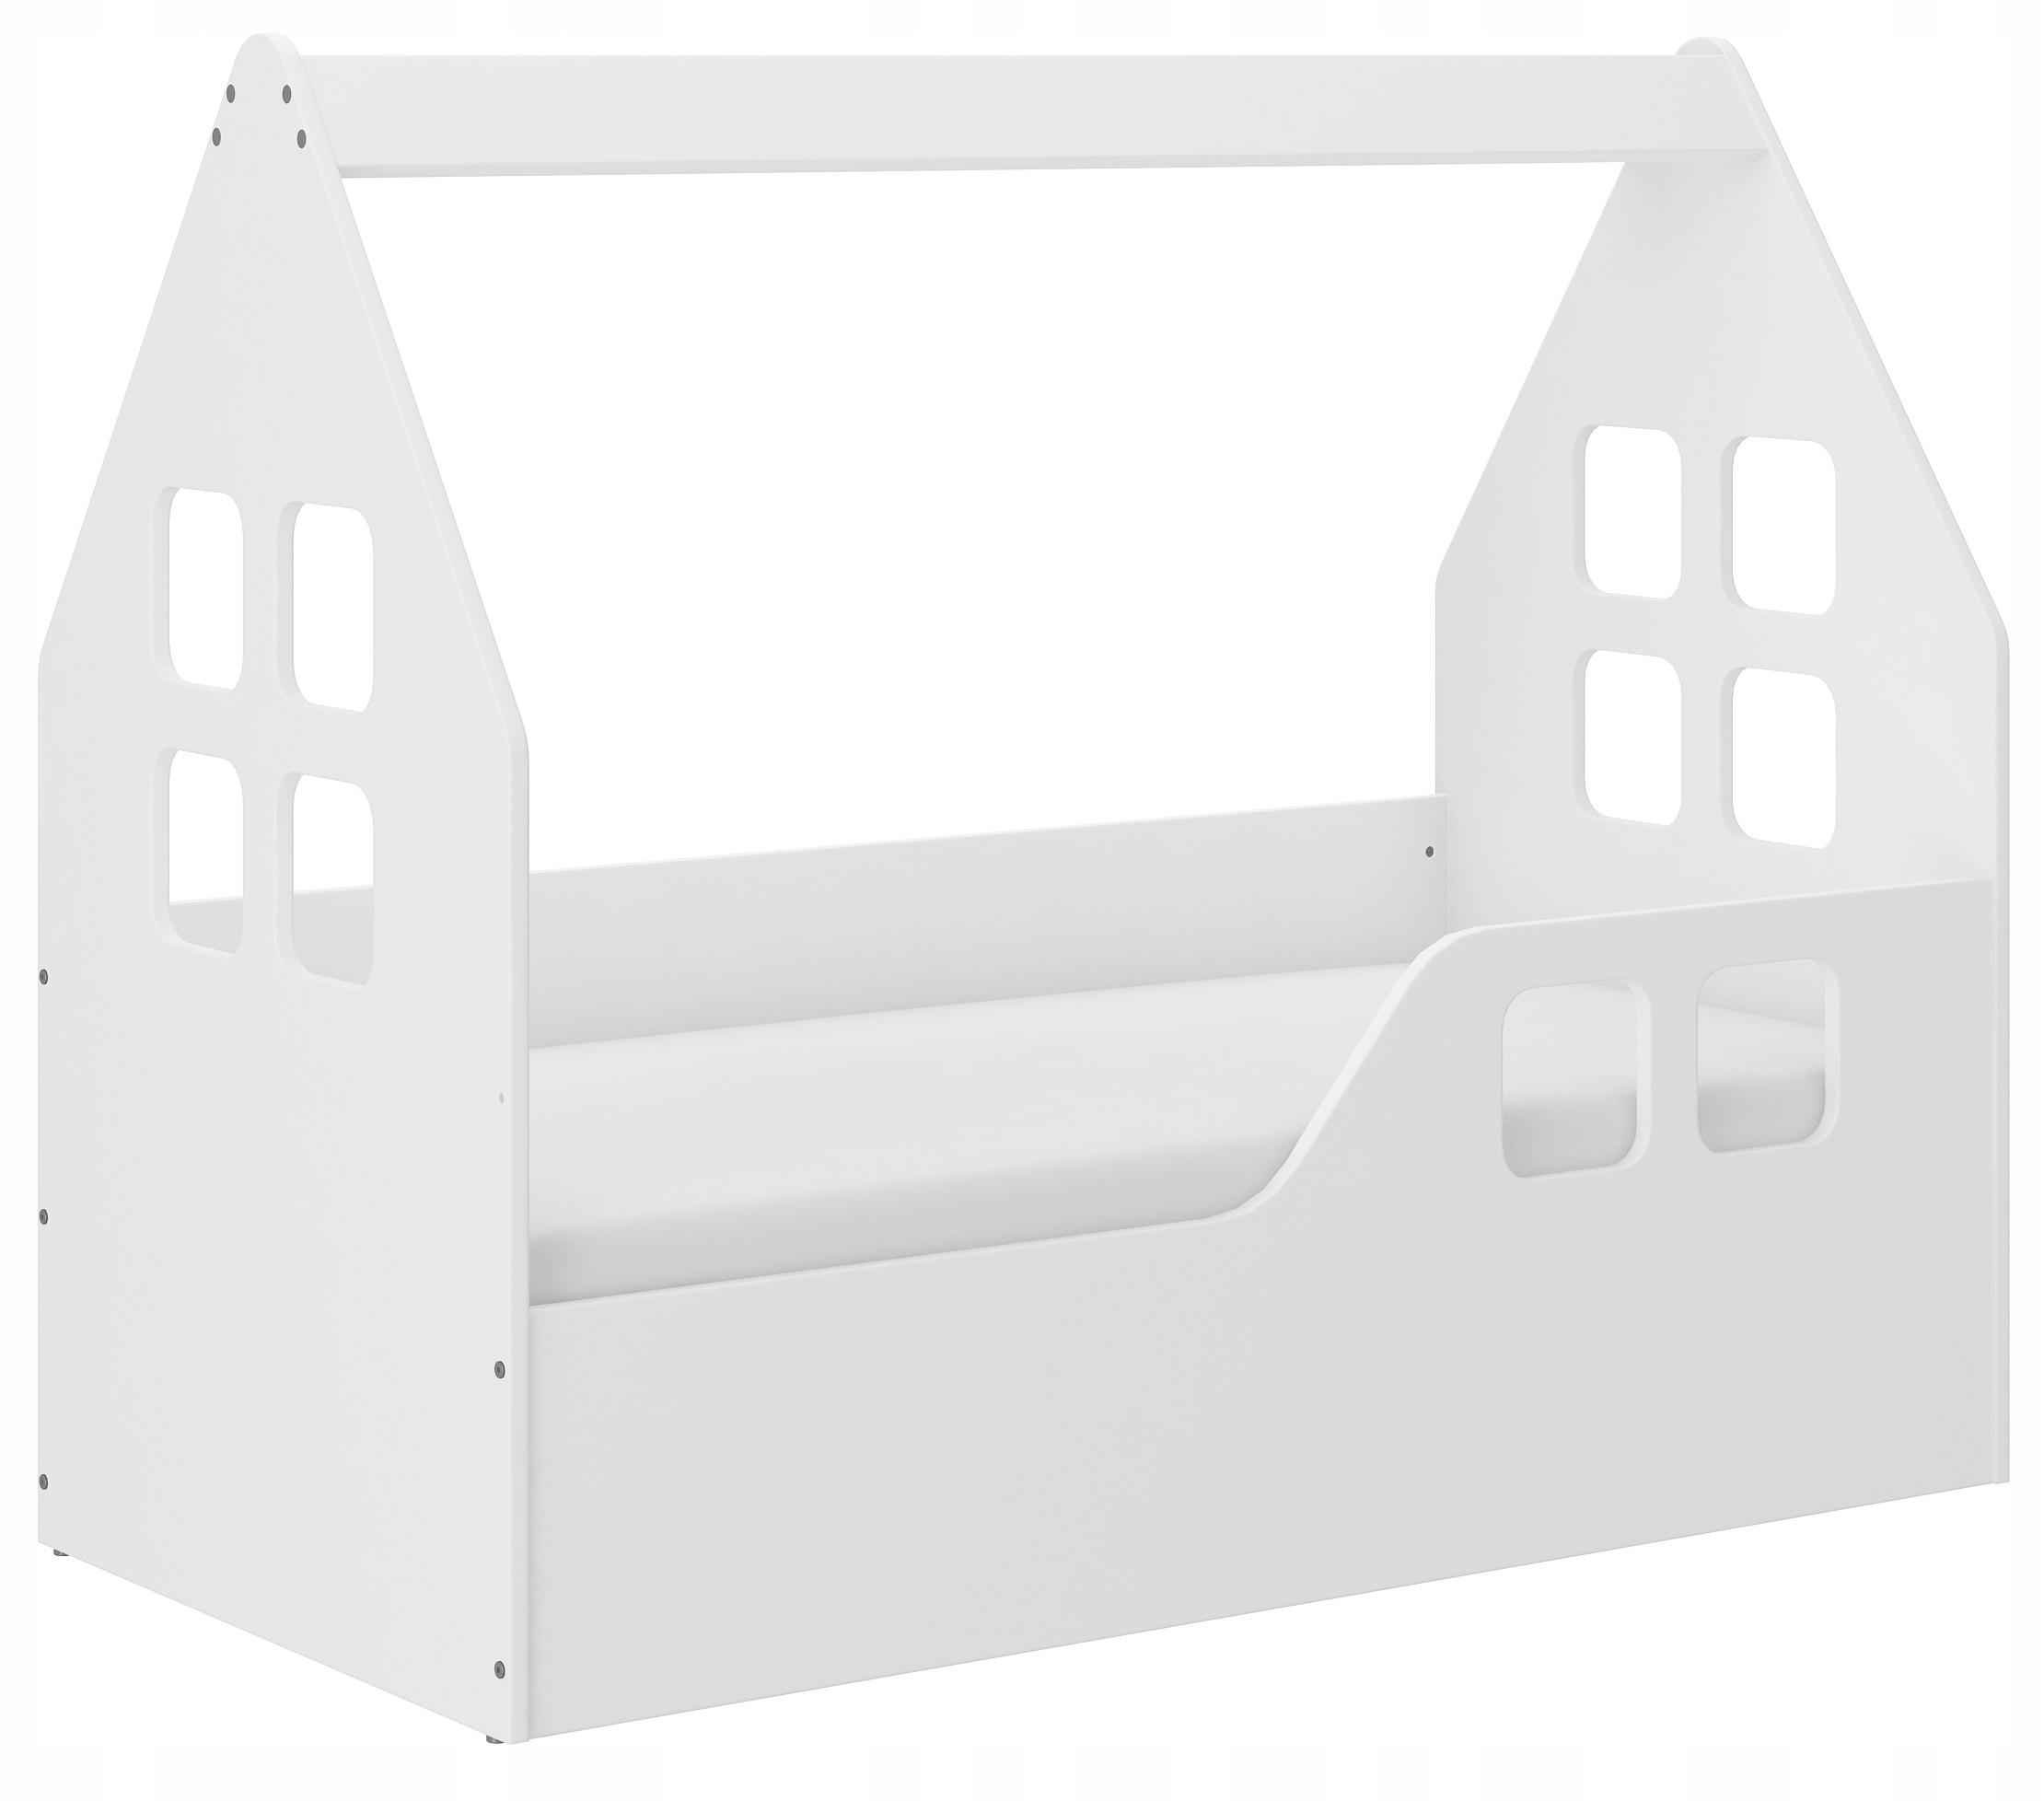 Детская кровать КОТТЕДЖ 140x70 + матрас + чехол